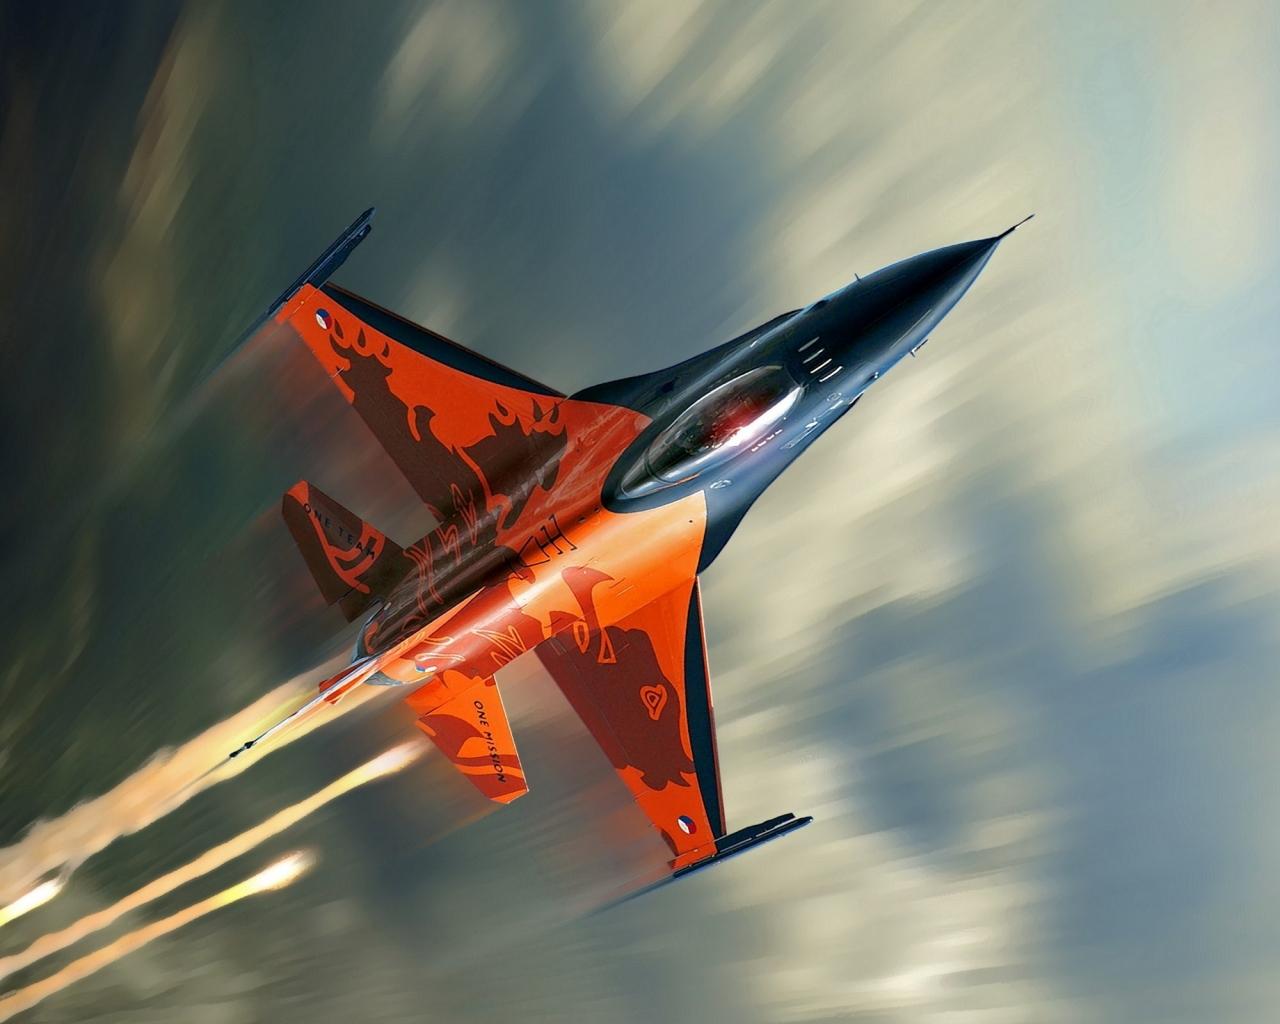 Avión F16 Falcon - 1280x1024